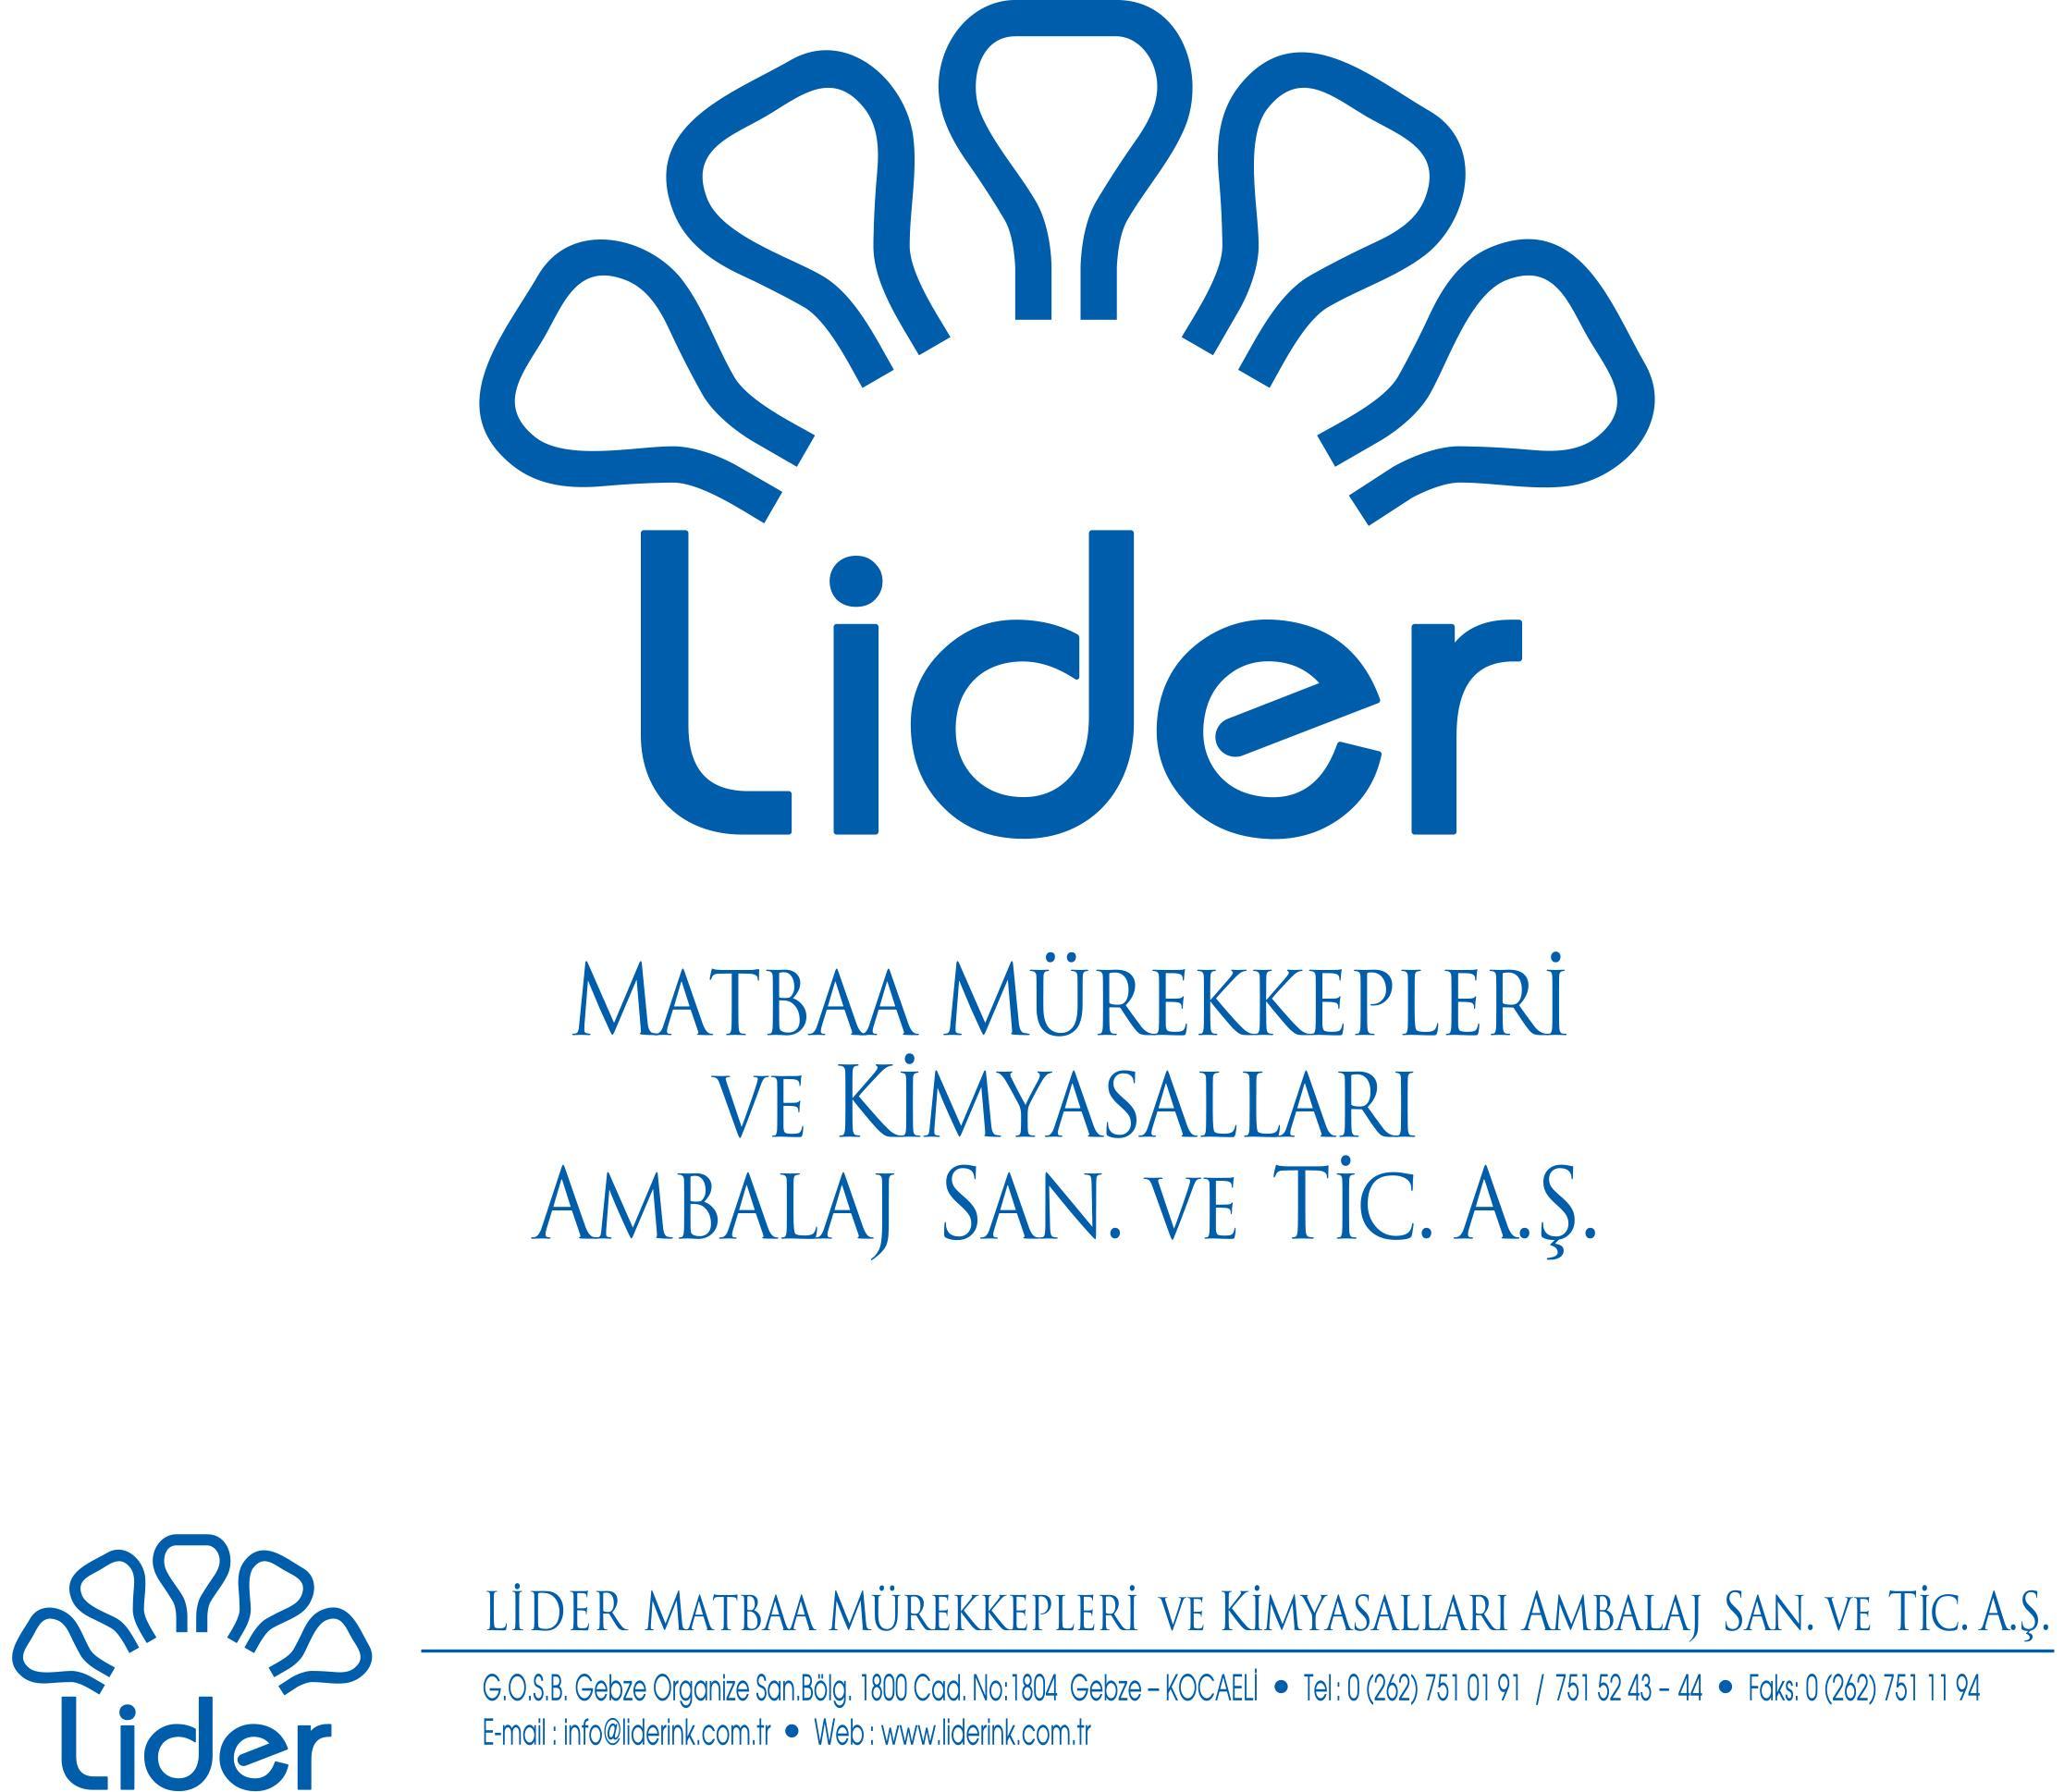 Lider Matbaa Mürekkepleri ve Kimyasalları Amb. San. ve Tic. A.Ş.